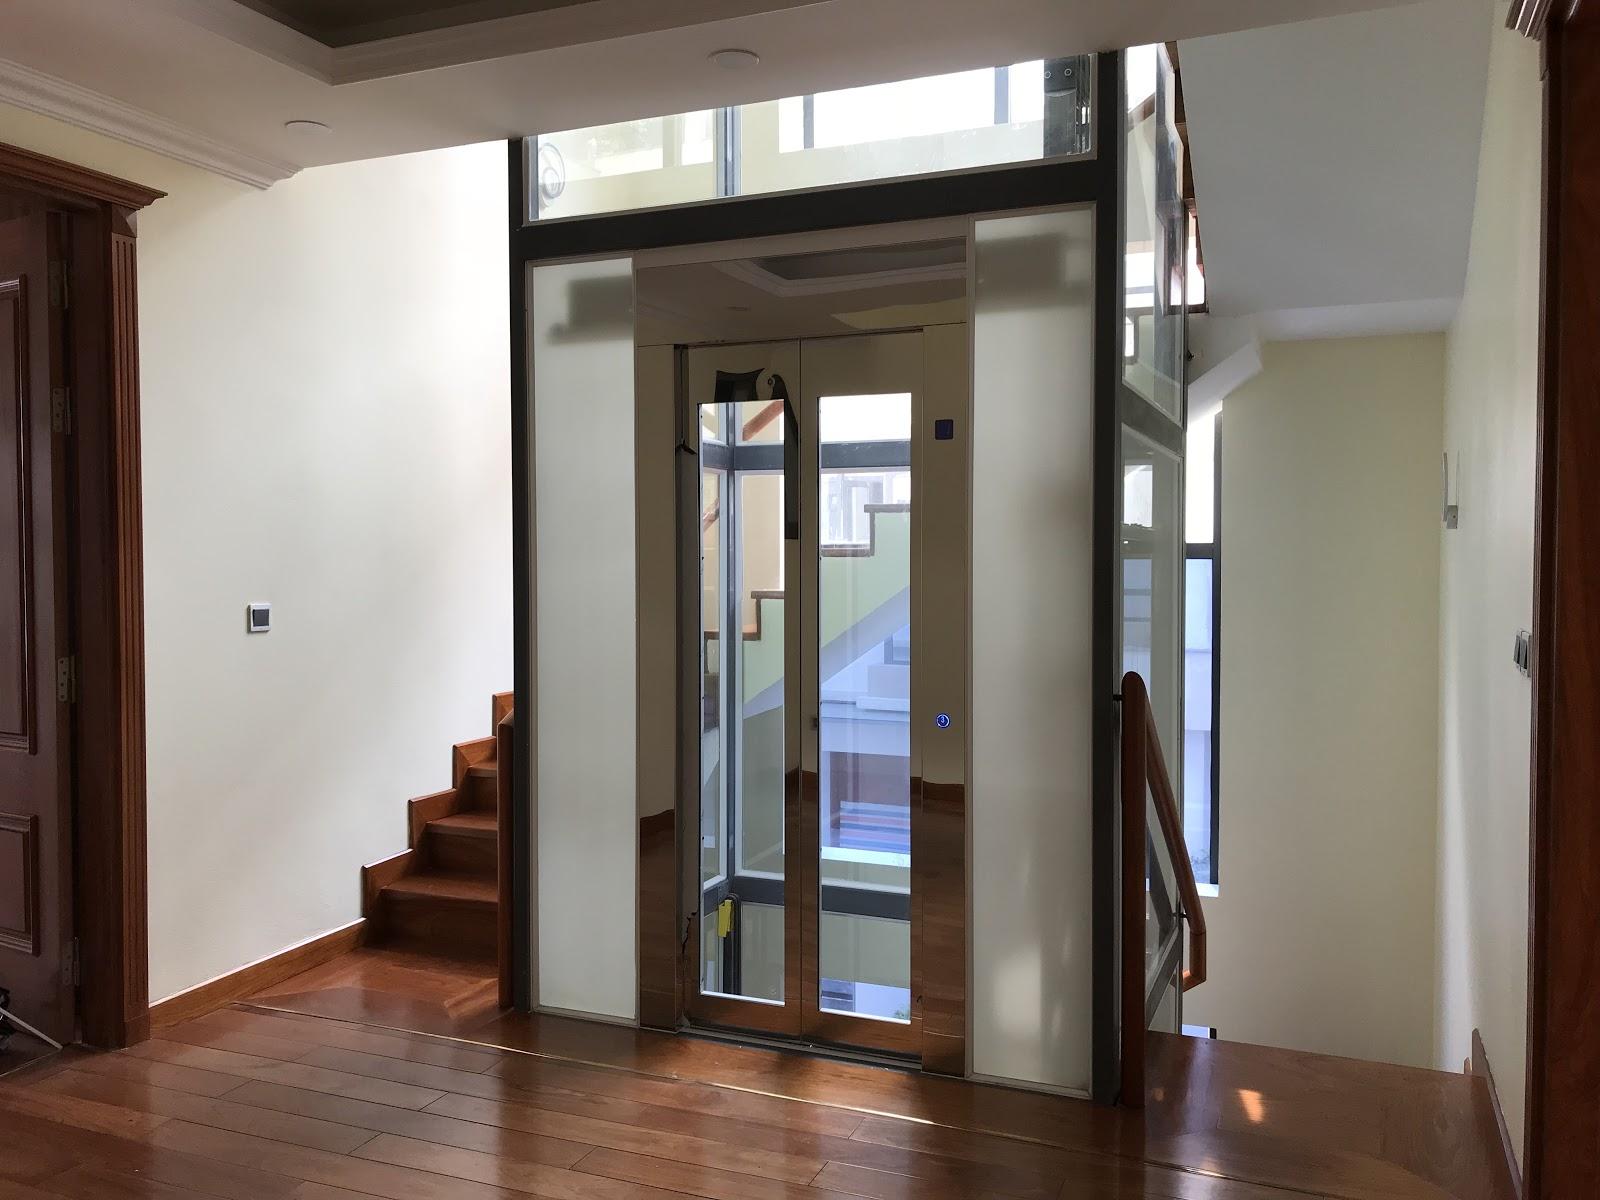 Thiết kế là cách lựa chọn thang máy bạn nên cân nhắc